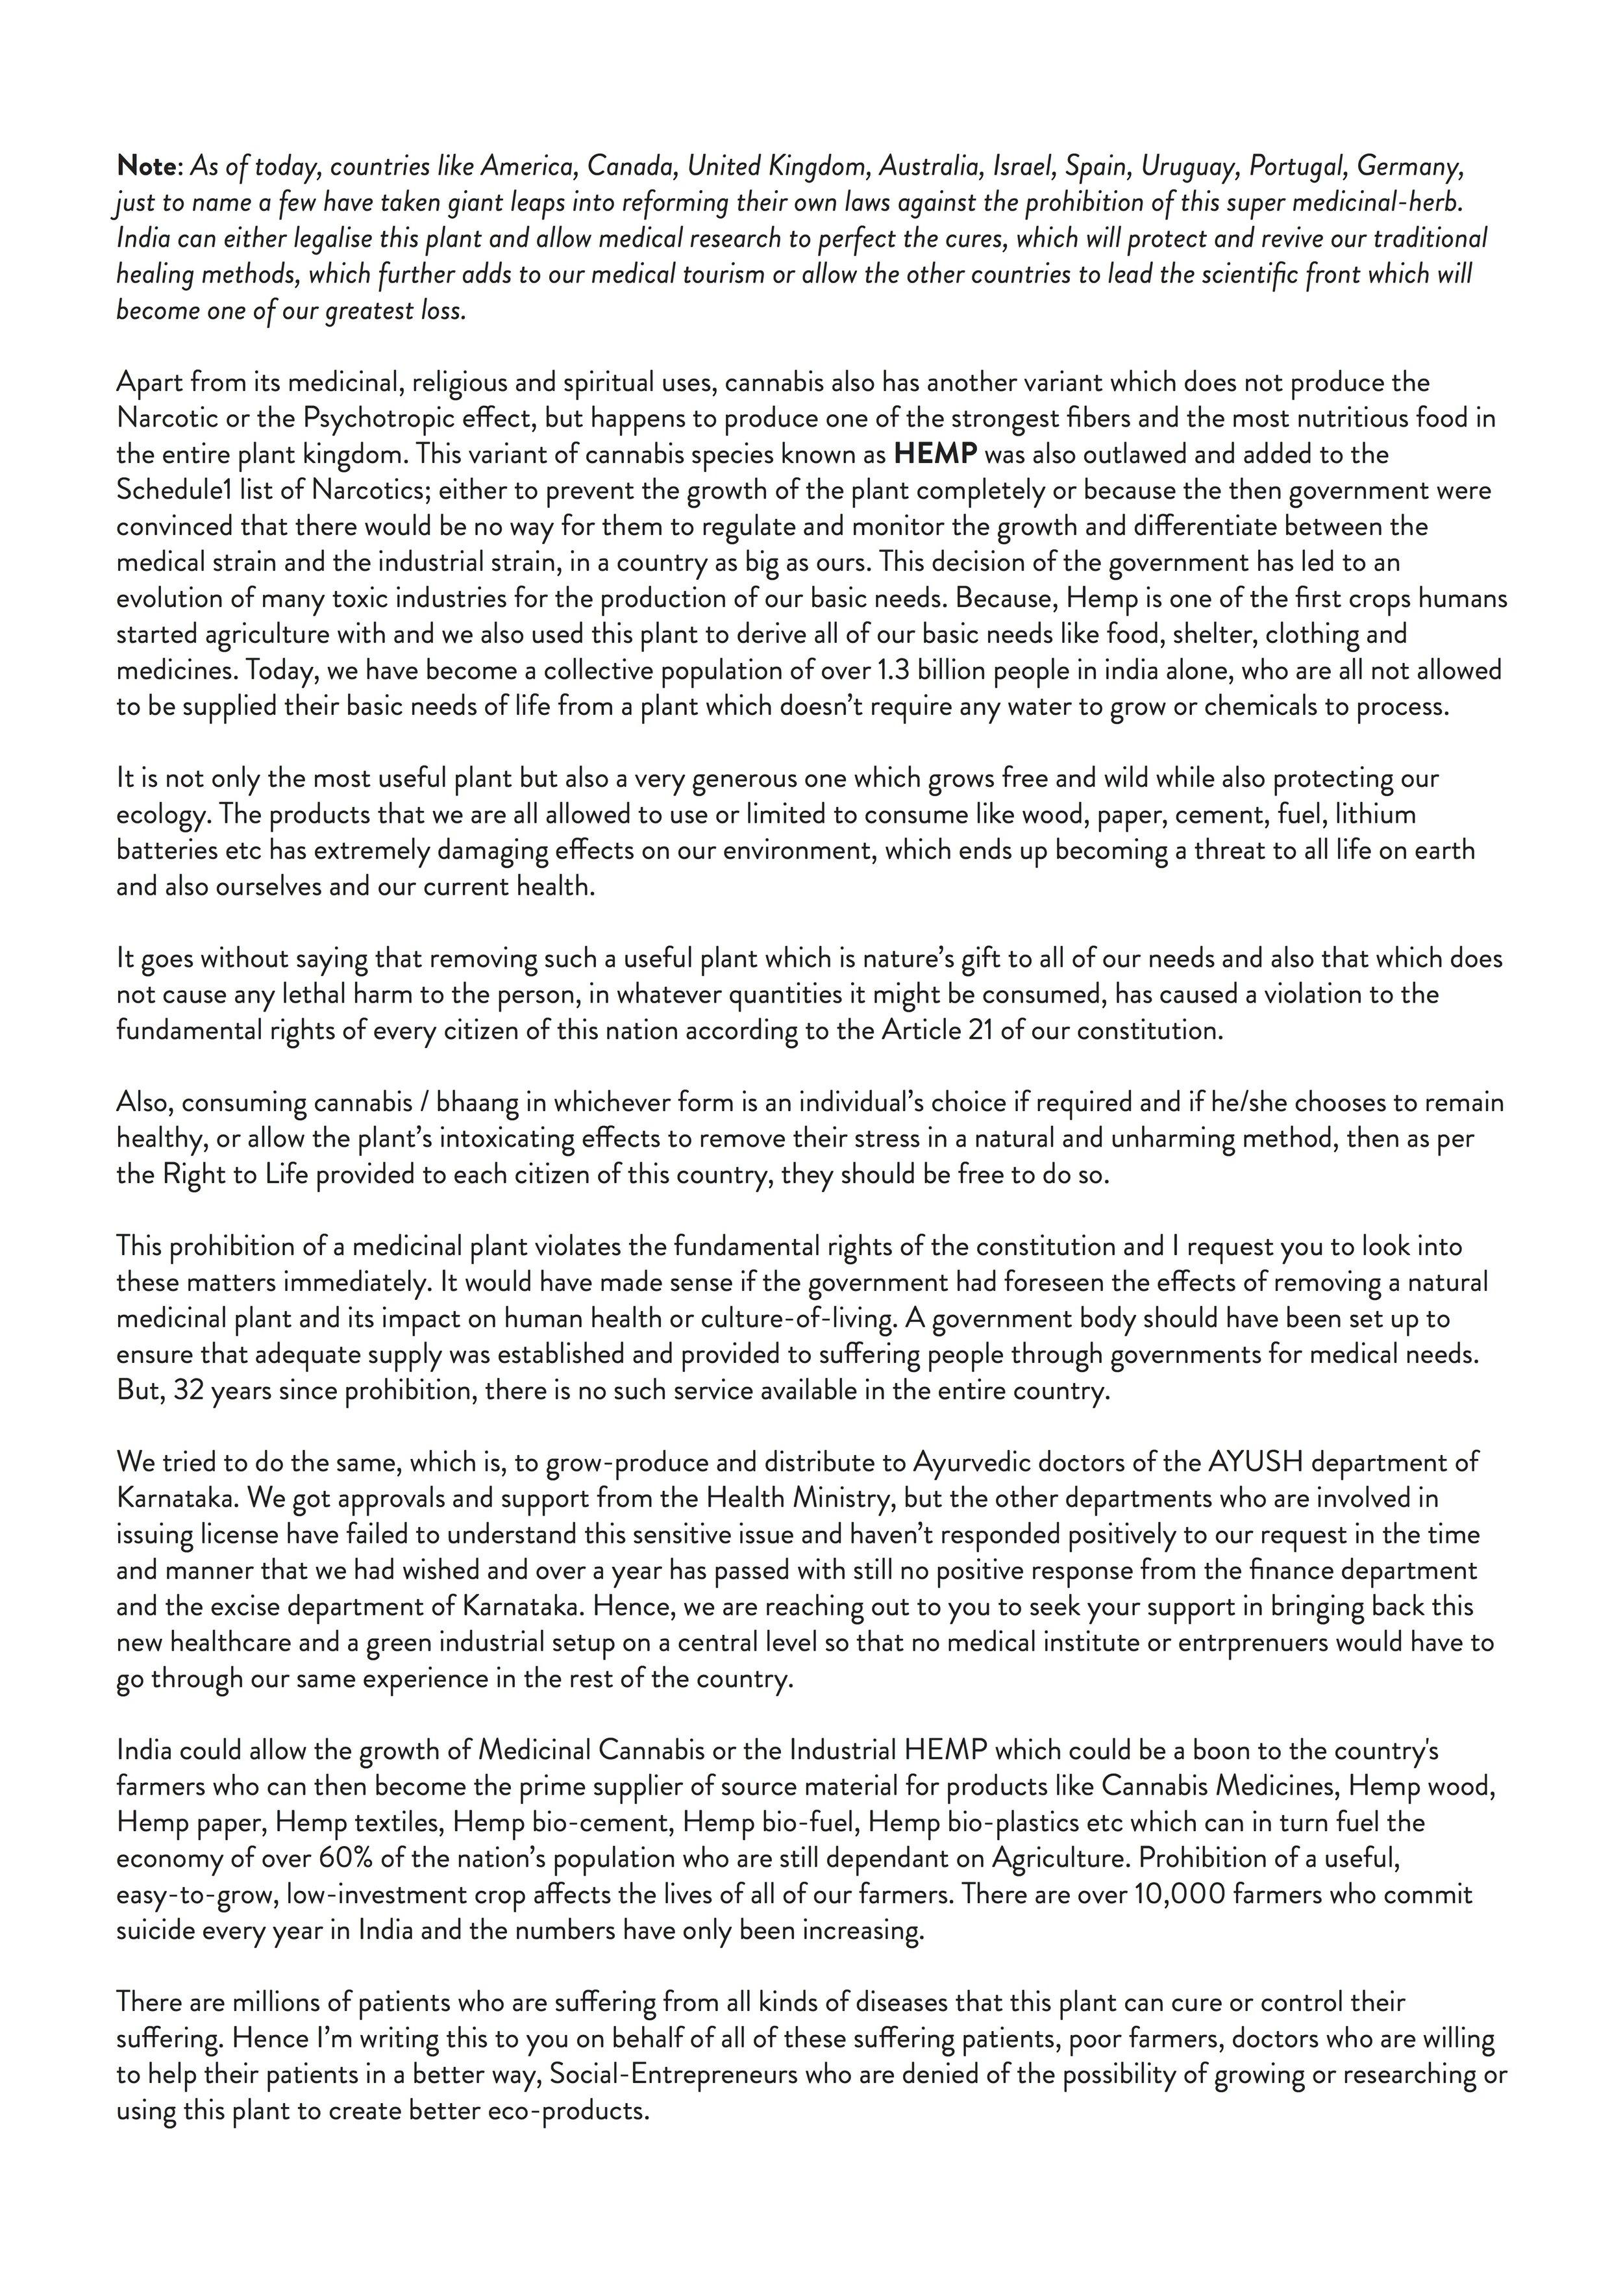 Modi-Letter-pg2.jpg